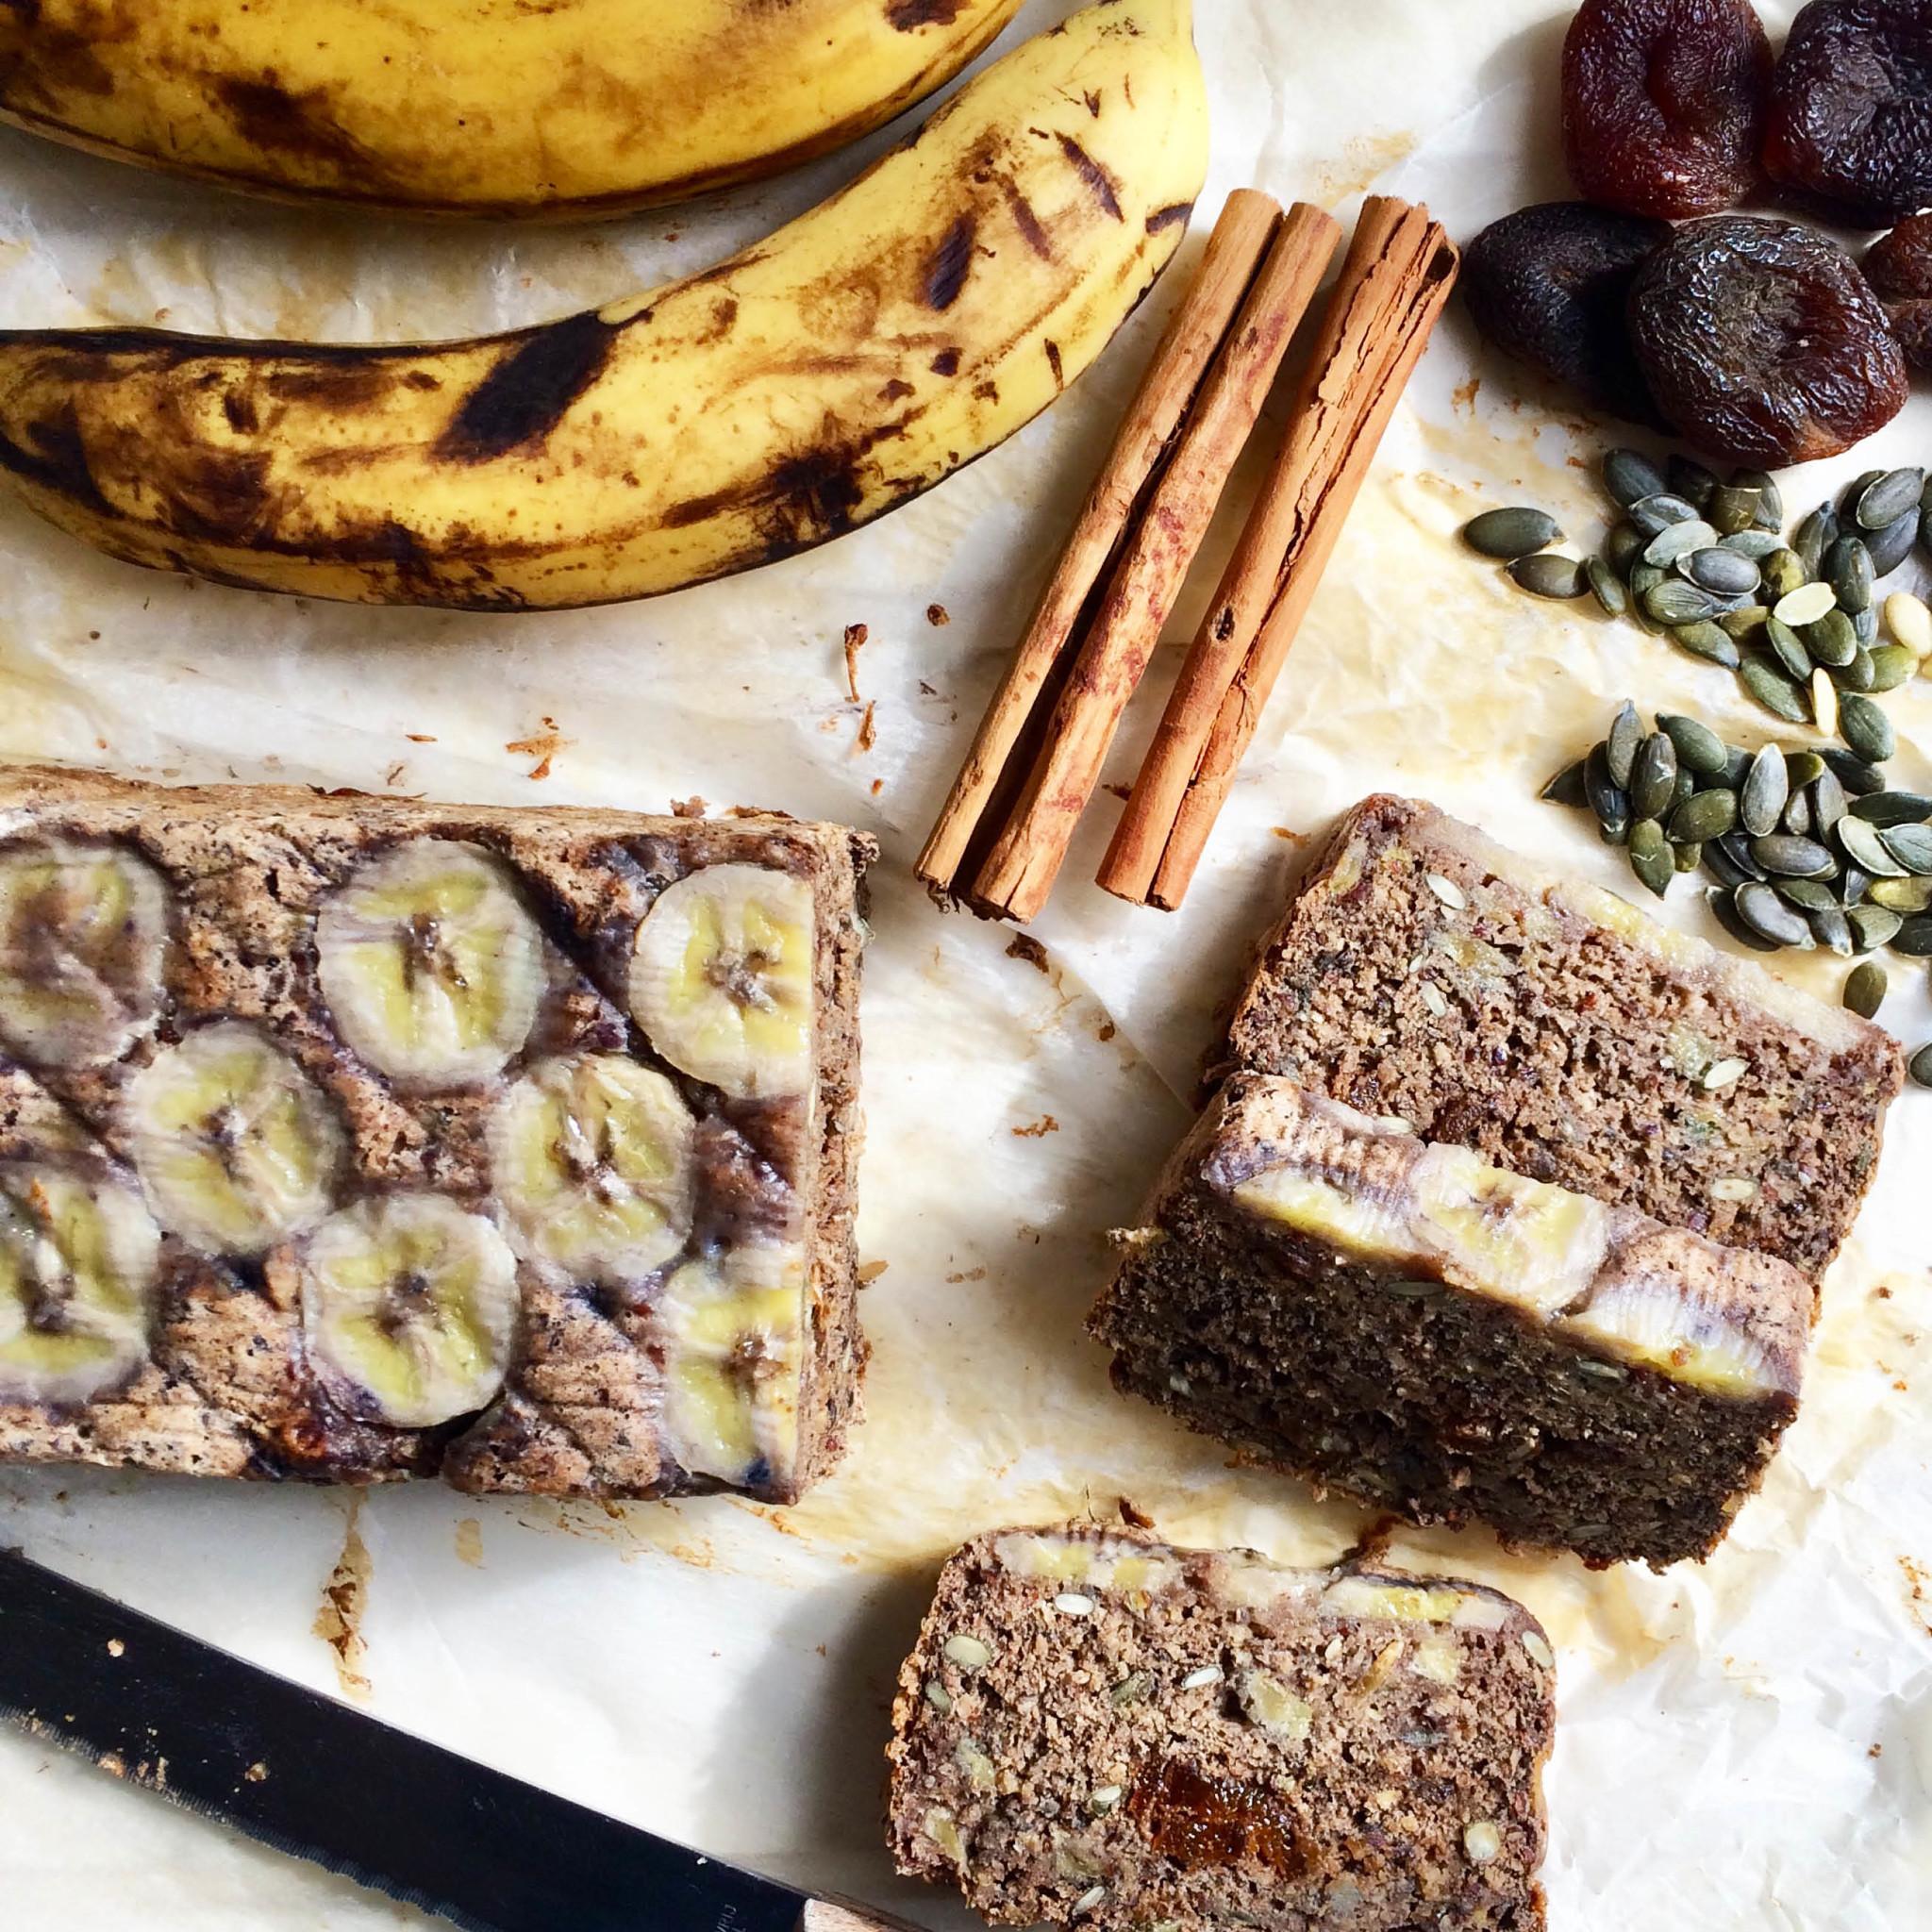 Gebakken bananenbrood met ingrediënten